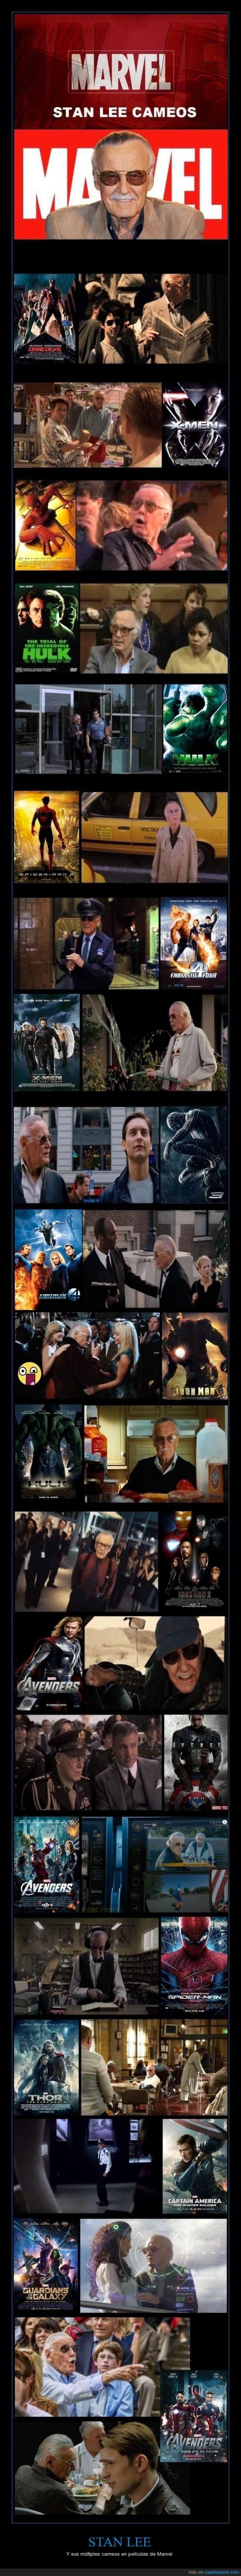 STAN LEE - Y sus múltiples cameos en películas de Marvel